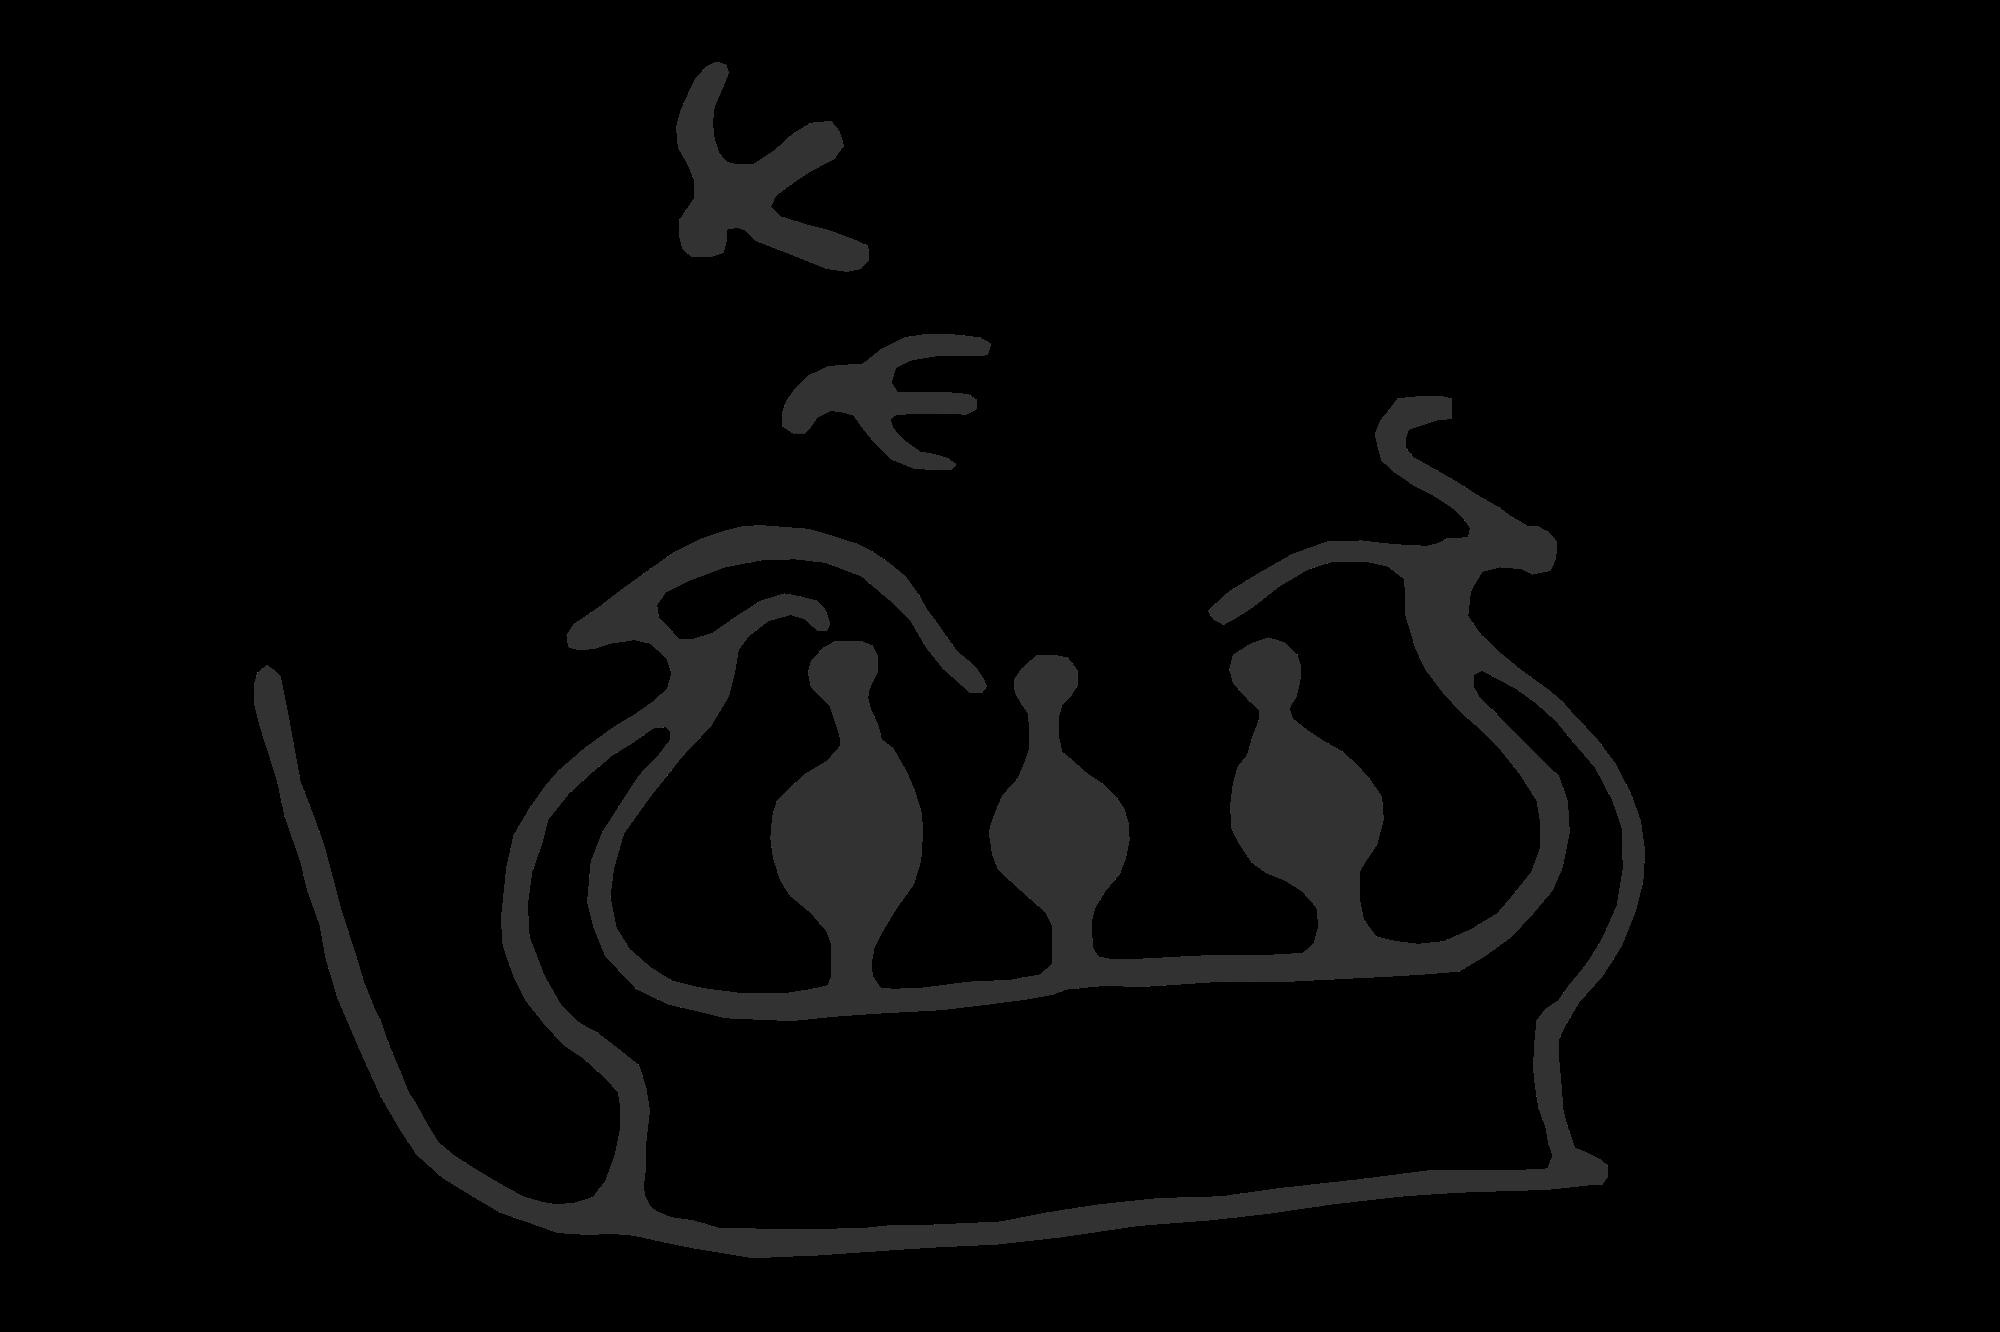 History clipart bronze age. File petroglypgh ship nordic